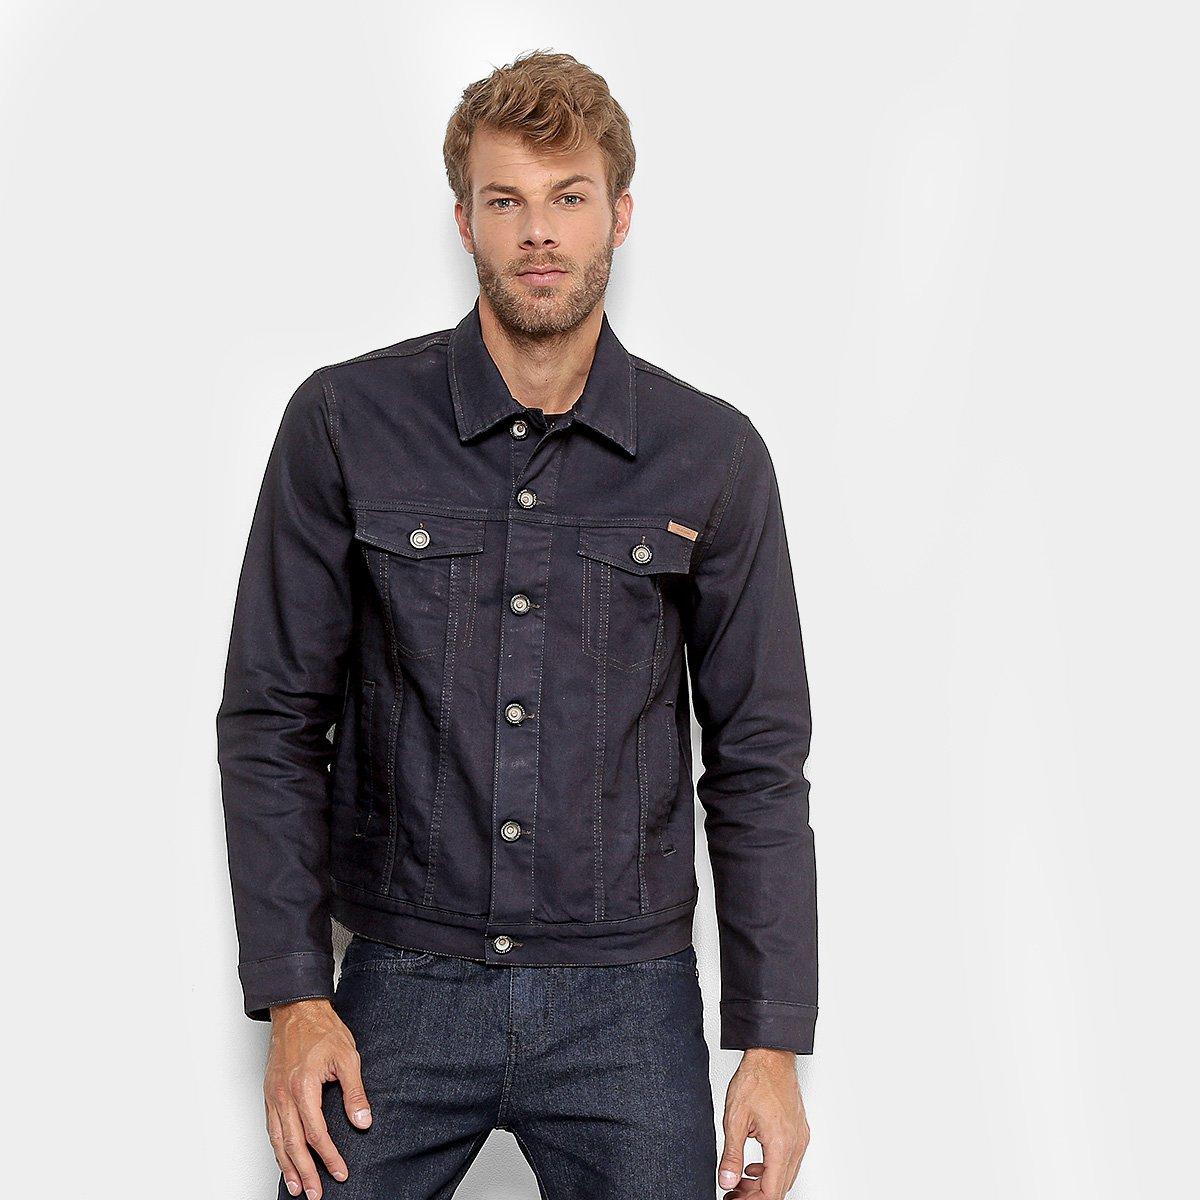 705a0d5354d63 Indigo Jeans Masculina Zattini Compre Colcci Agora Jaqueta qCRwAgg